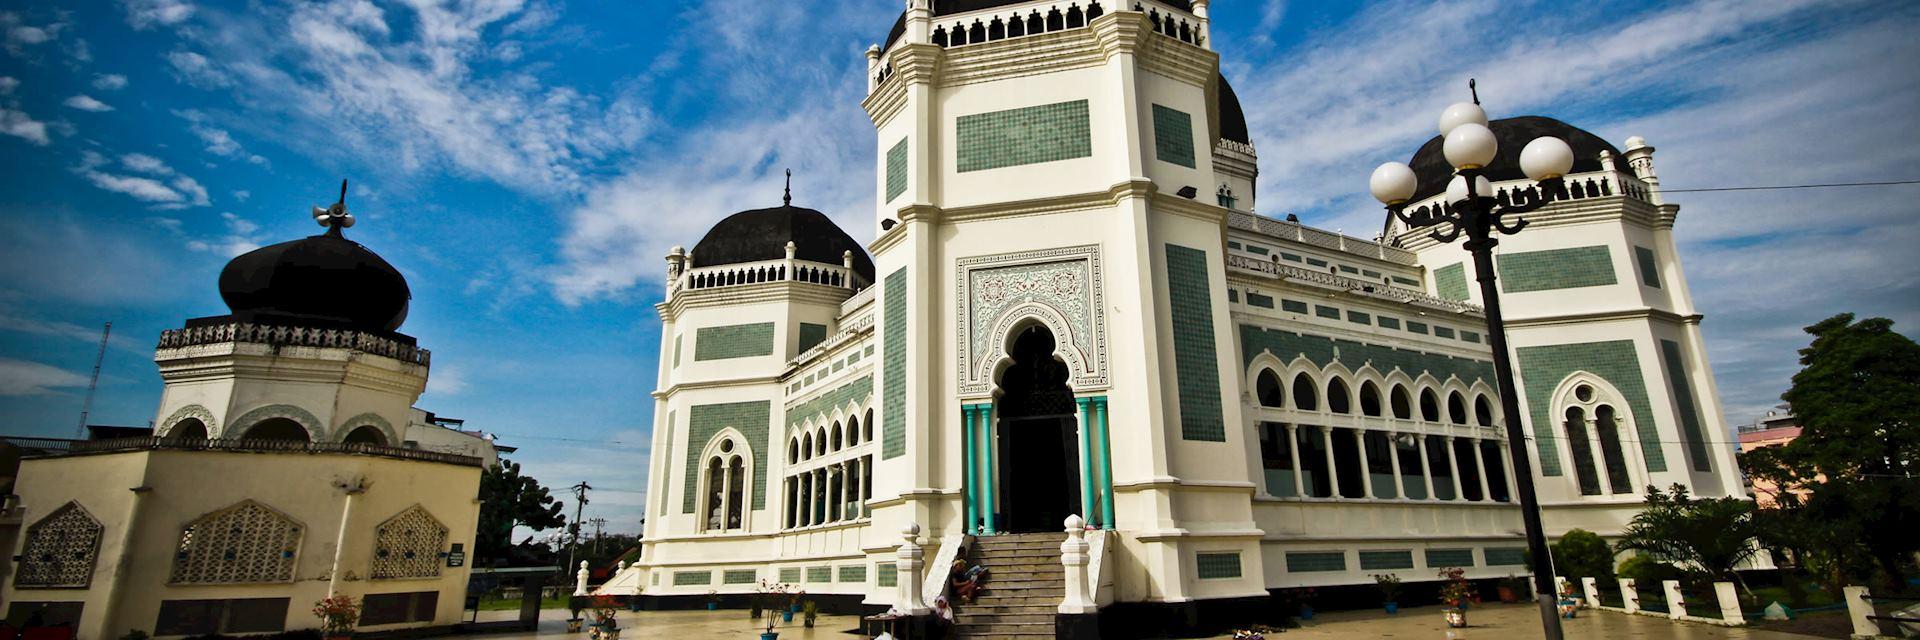 Masjid Raya Al Mashun mosque, Medan